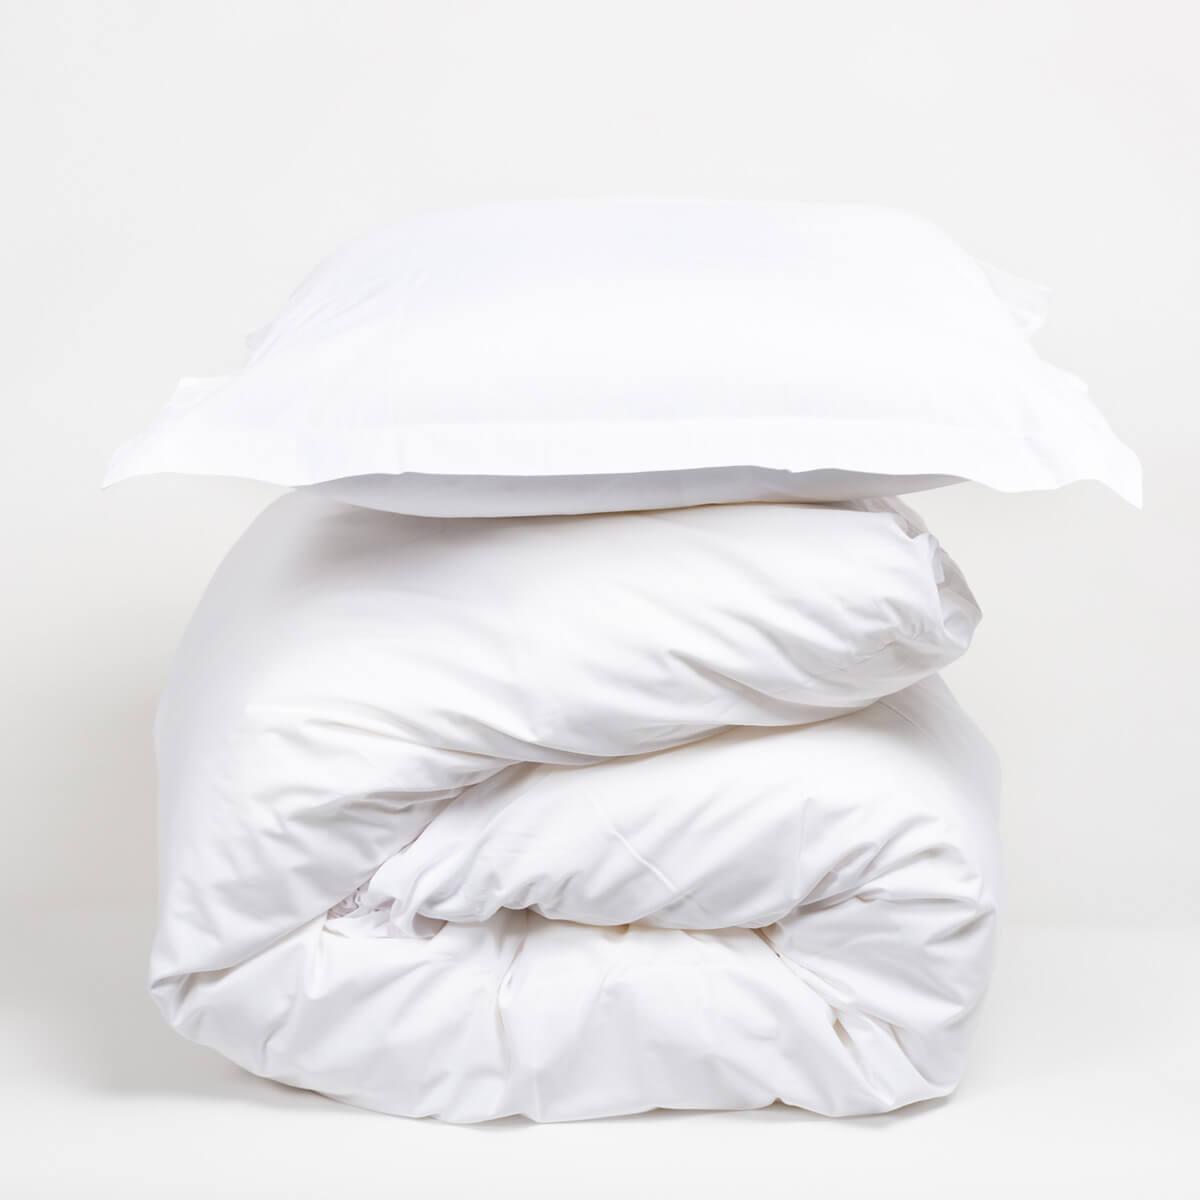 housse de couette blanche pure coton 57fils cm fabrication fran aise. Black Bedroom Furniture Sets. Home Design Ideas